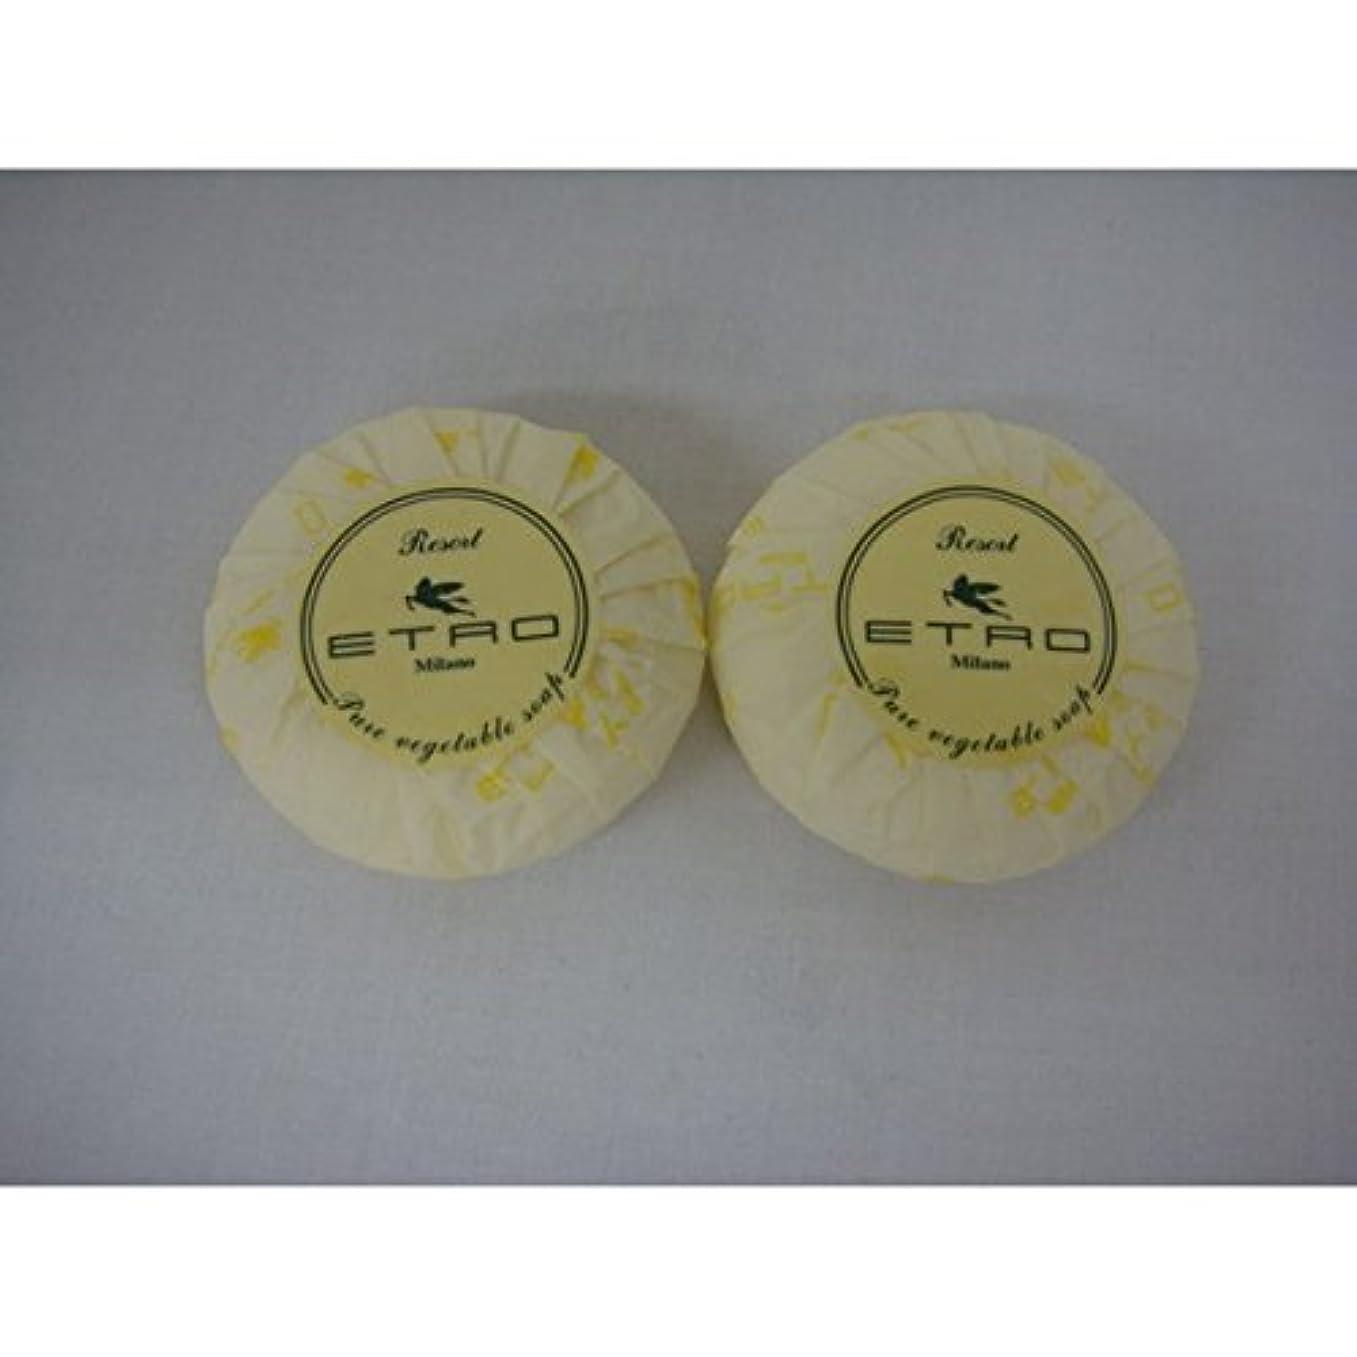 仕えるガラガラ海峡ひもETRO エトロ ピュアベジタブルソープ 石鹸40g×2個